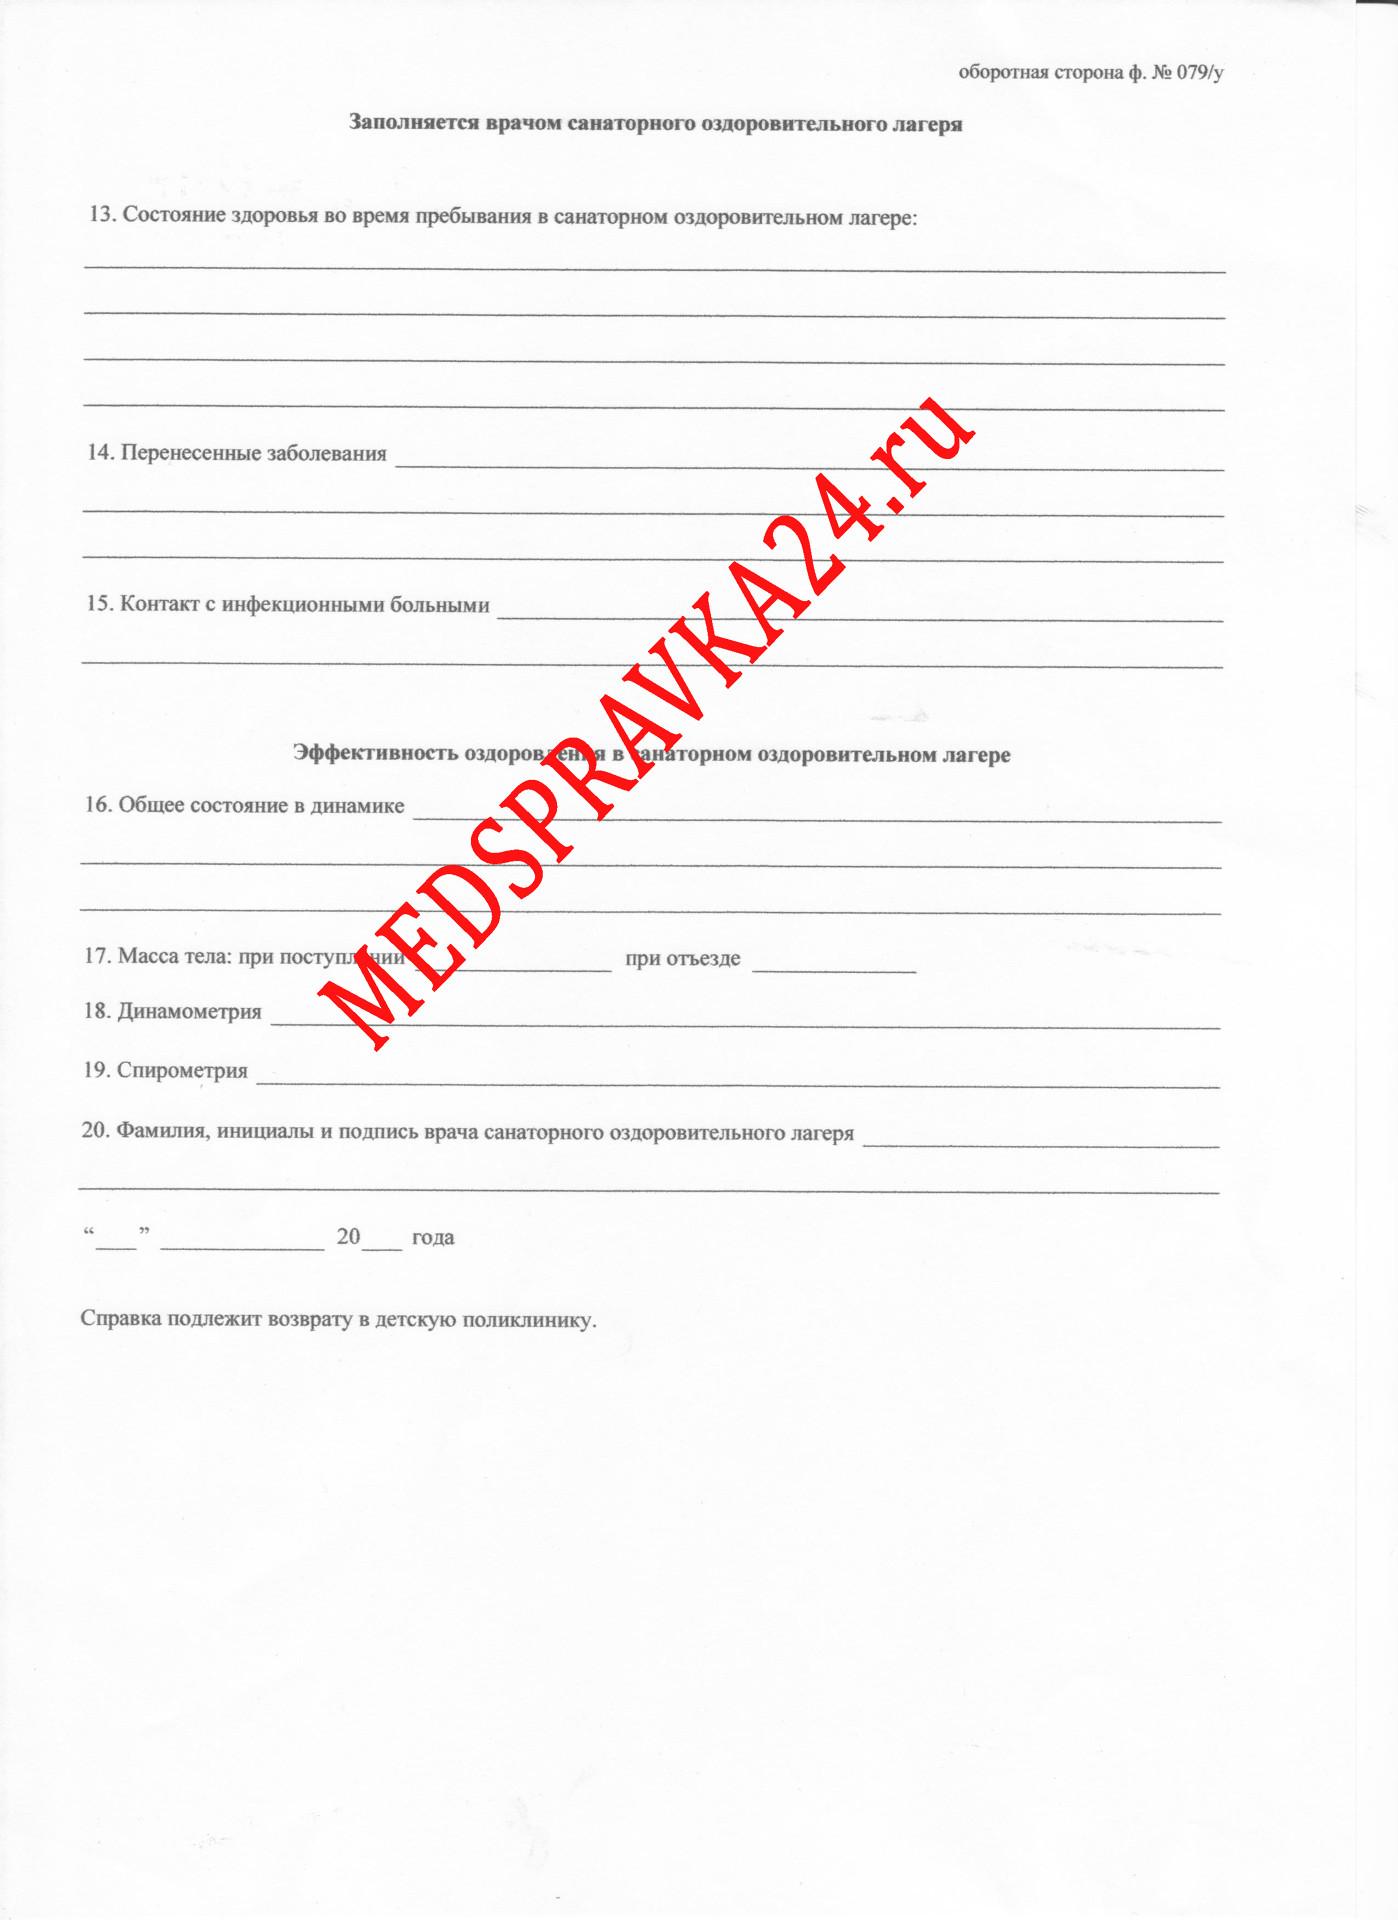 Справка о кодировании от алкоголизмаакта употребления алкоголя на работе форма 155 у Марьино Анализ крови 2-й Щипковский переулок